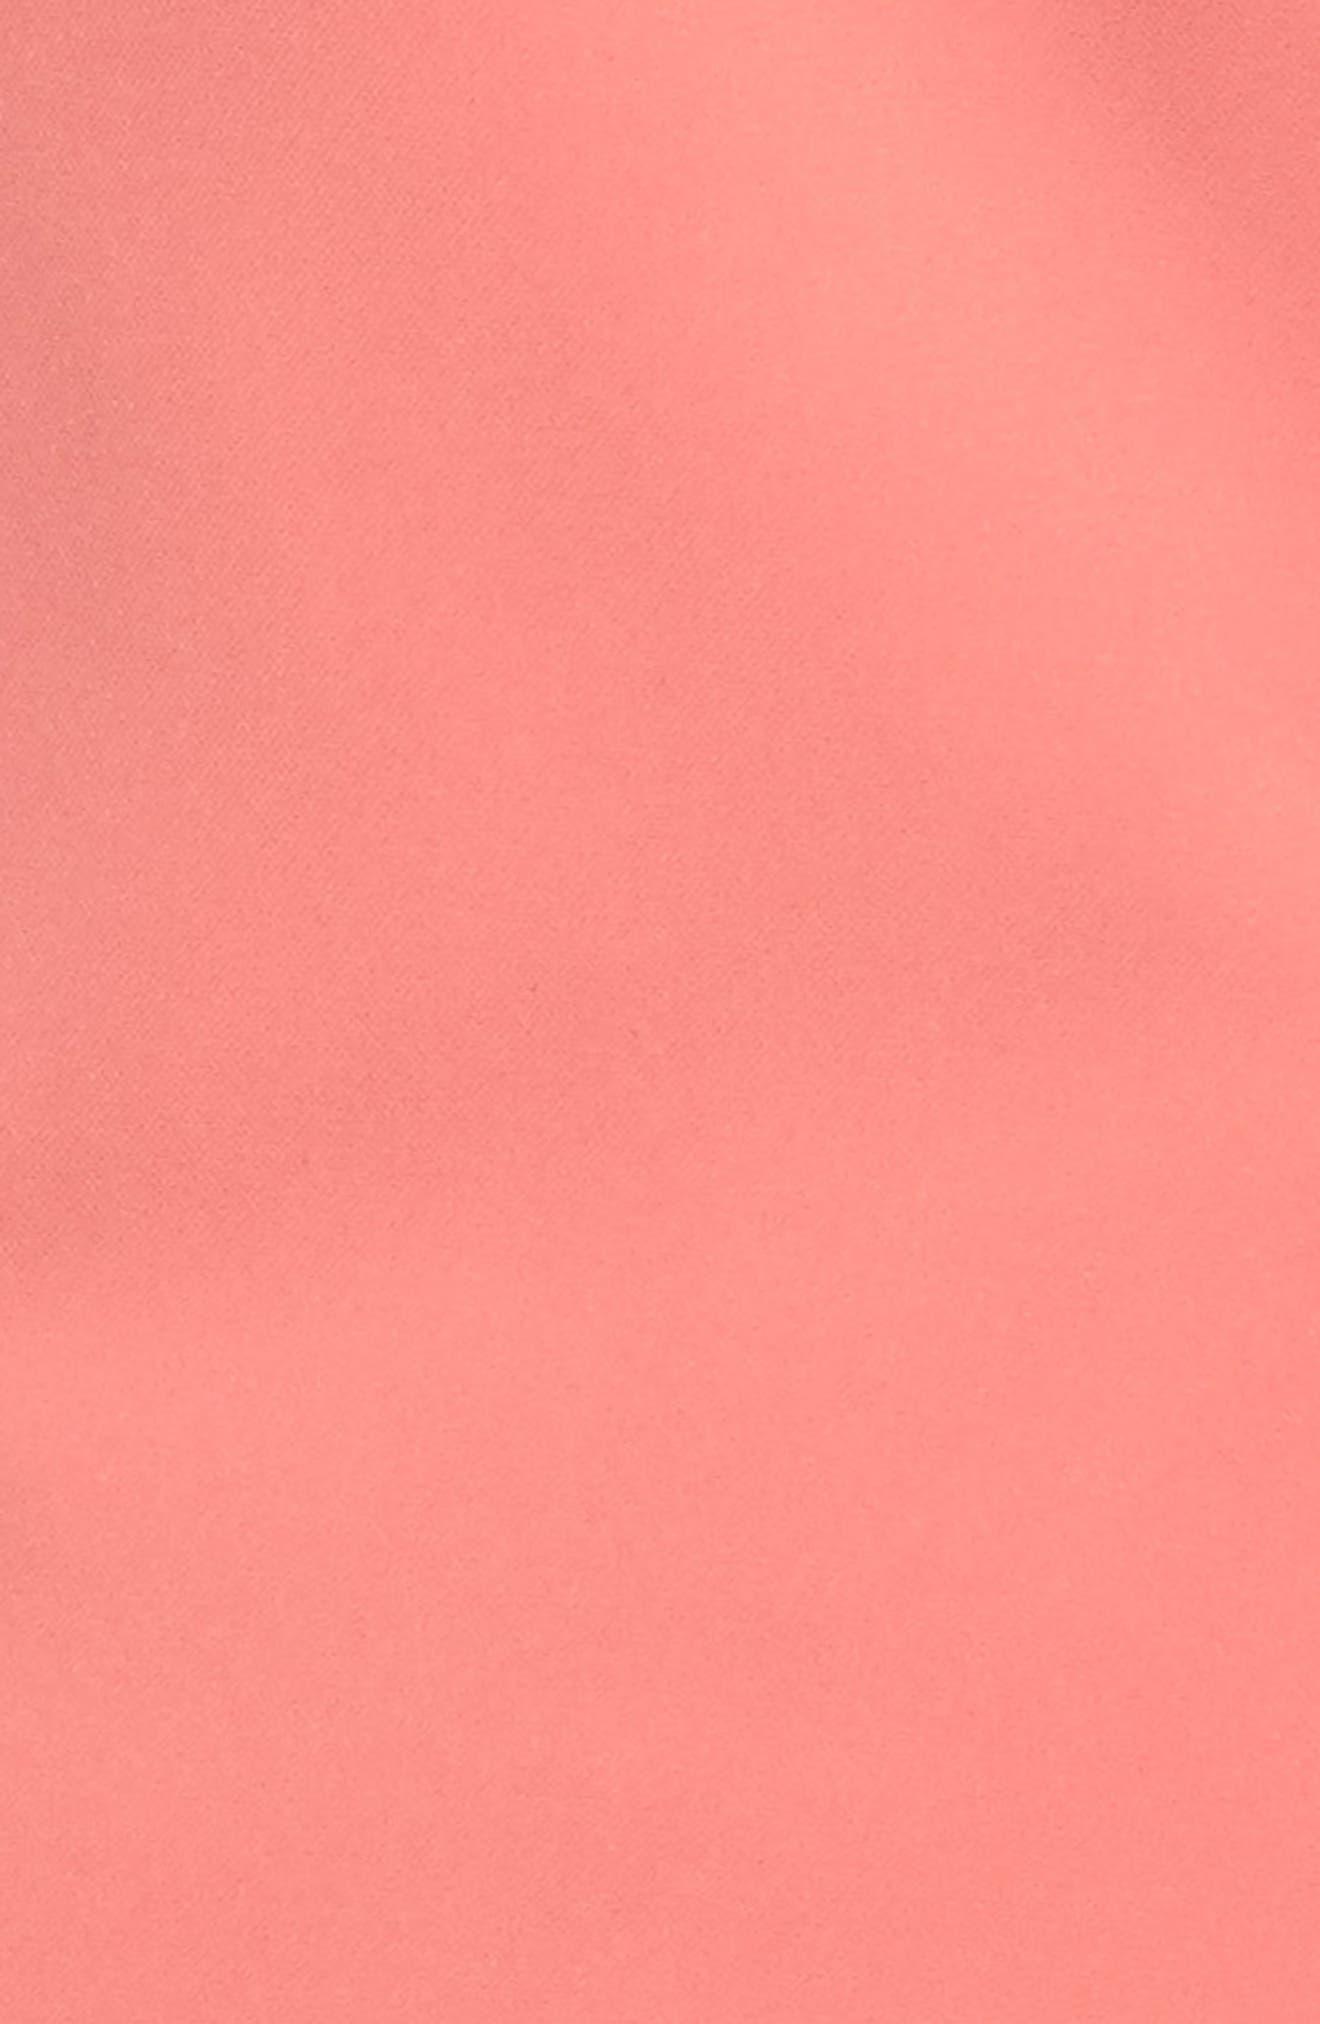 Boyfriend Blazer,                             Alternate thumbnail 7, color,                             Rose Of Sharon